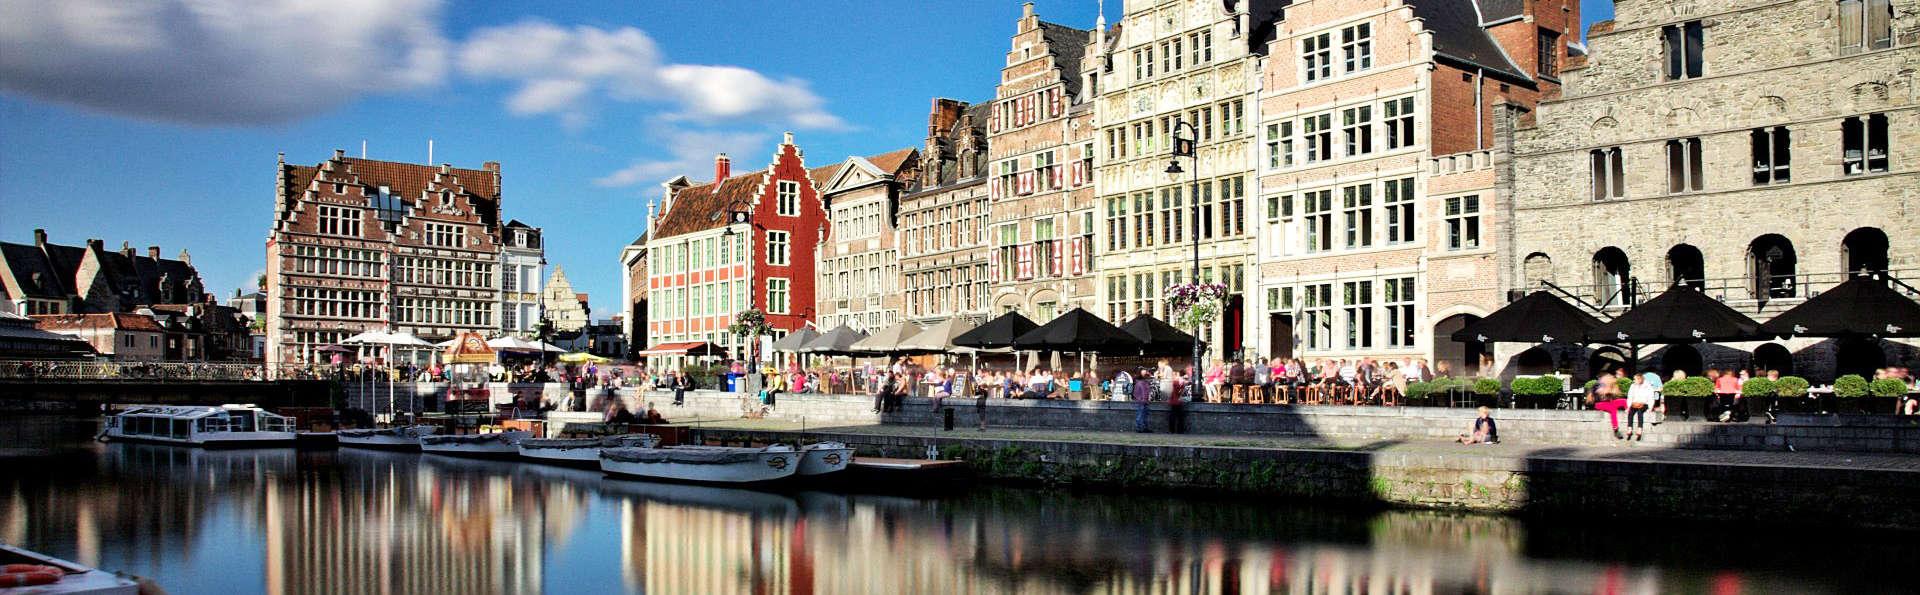 Navega a través de la hermosa ciudad animada de Gante